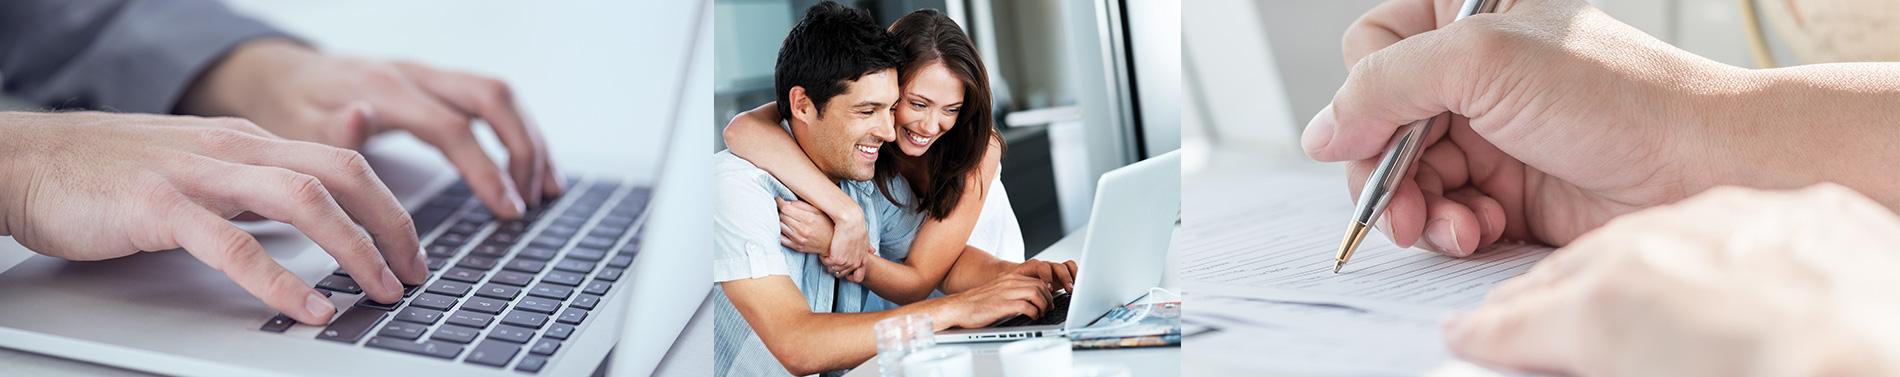 Demande de crédit hypothécaire